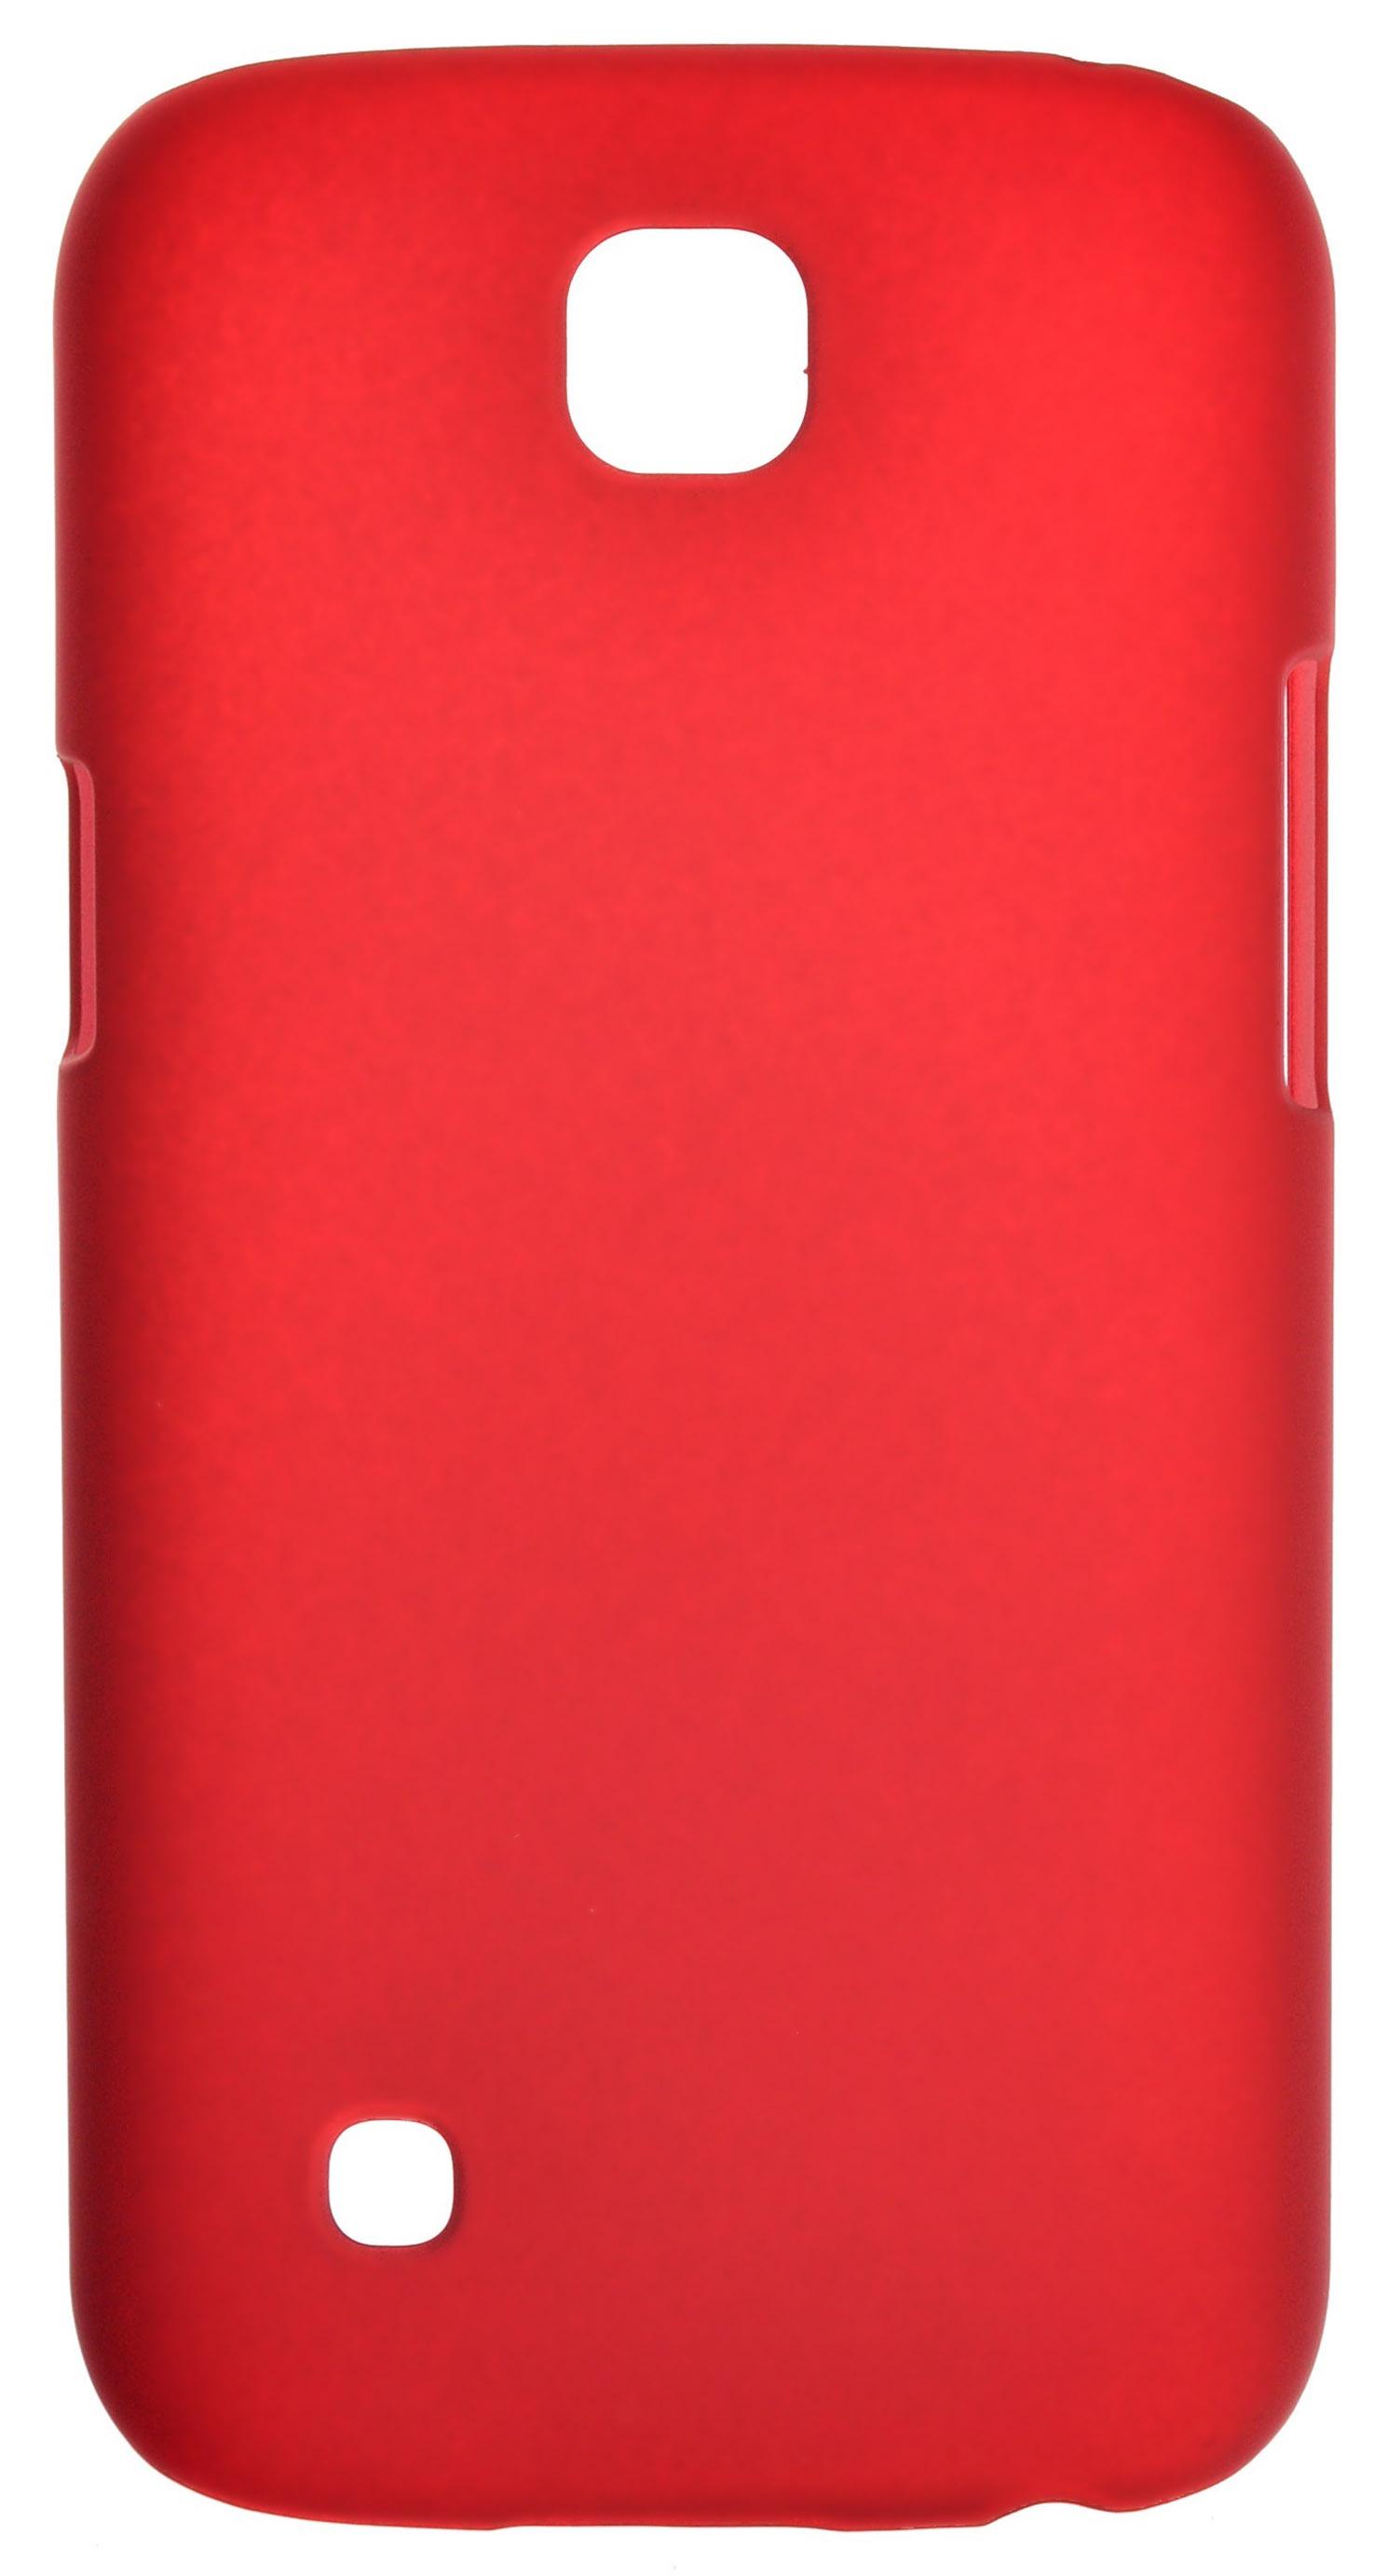 Чехол для сотового телефона skinBOX 4People, 4630042524774, красный стоимость